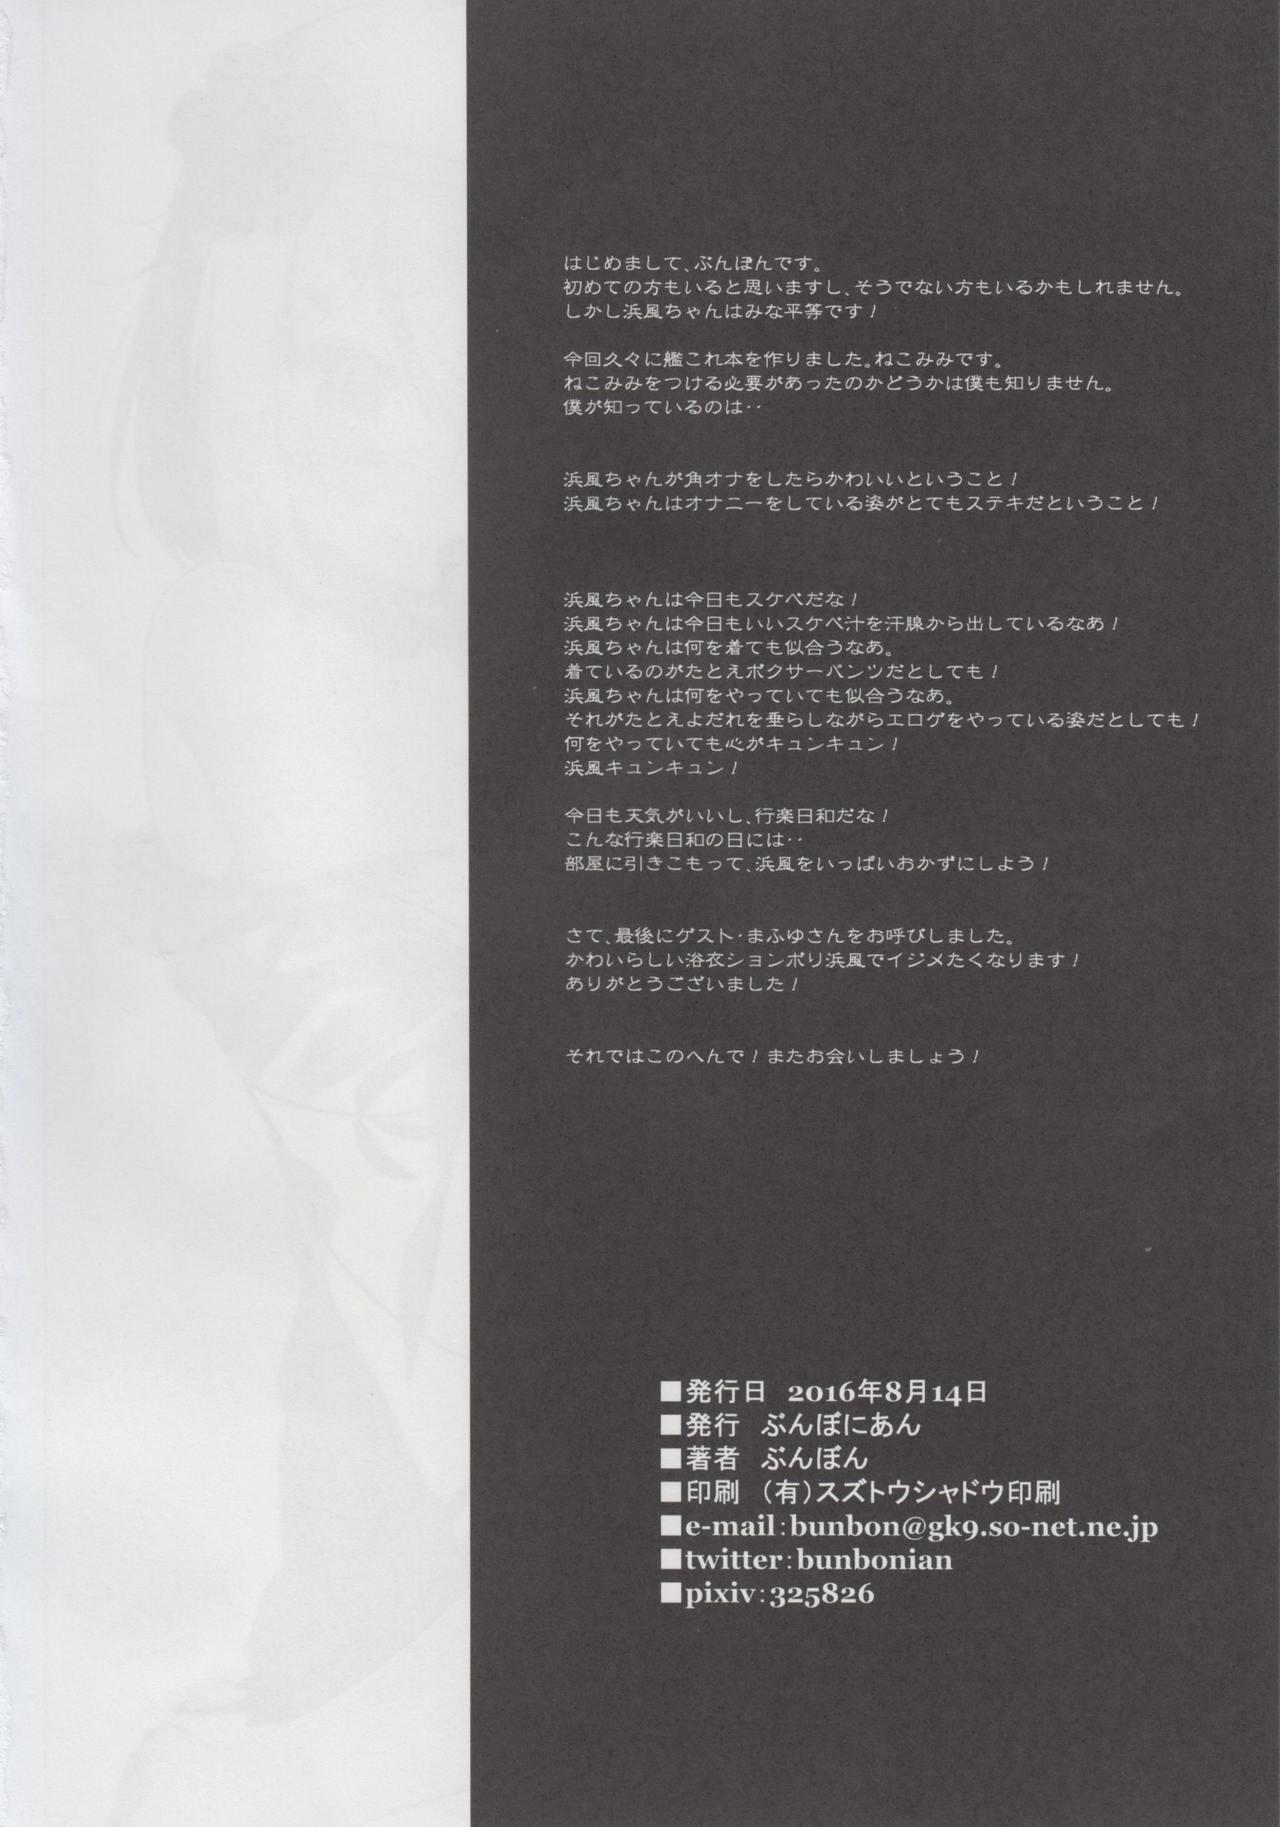 Hatsukoi Hamakaze 20